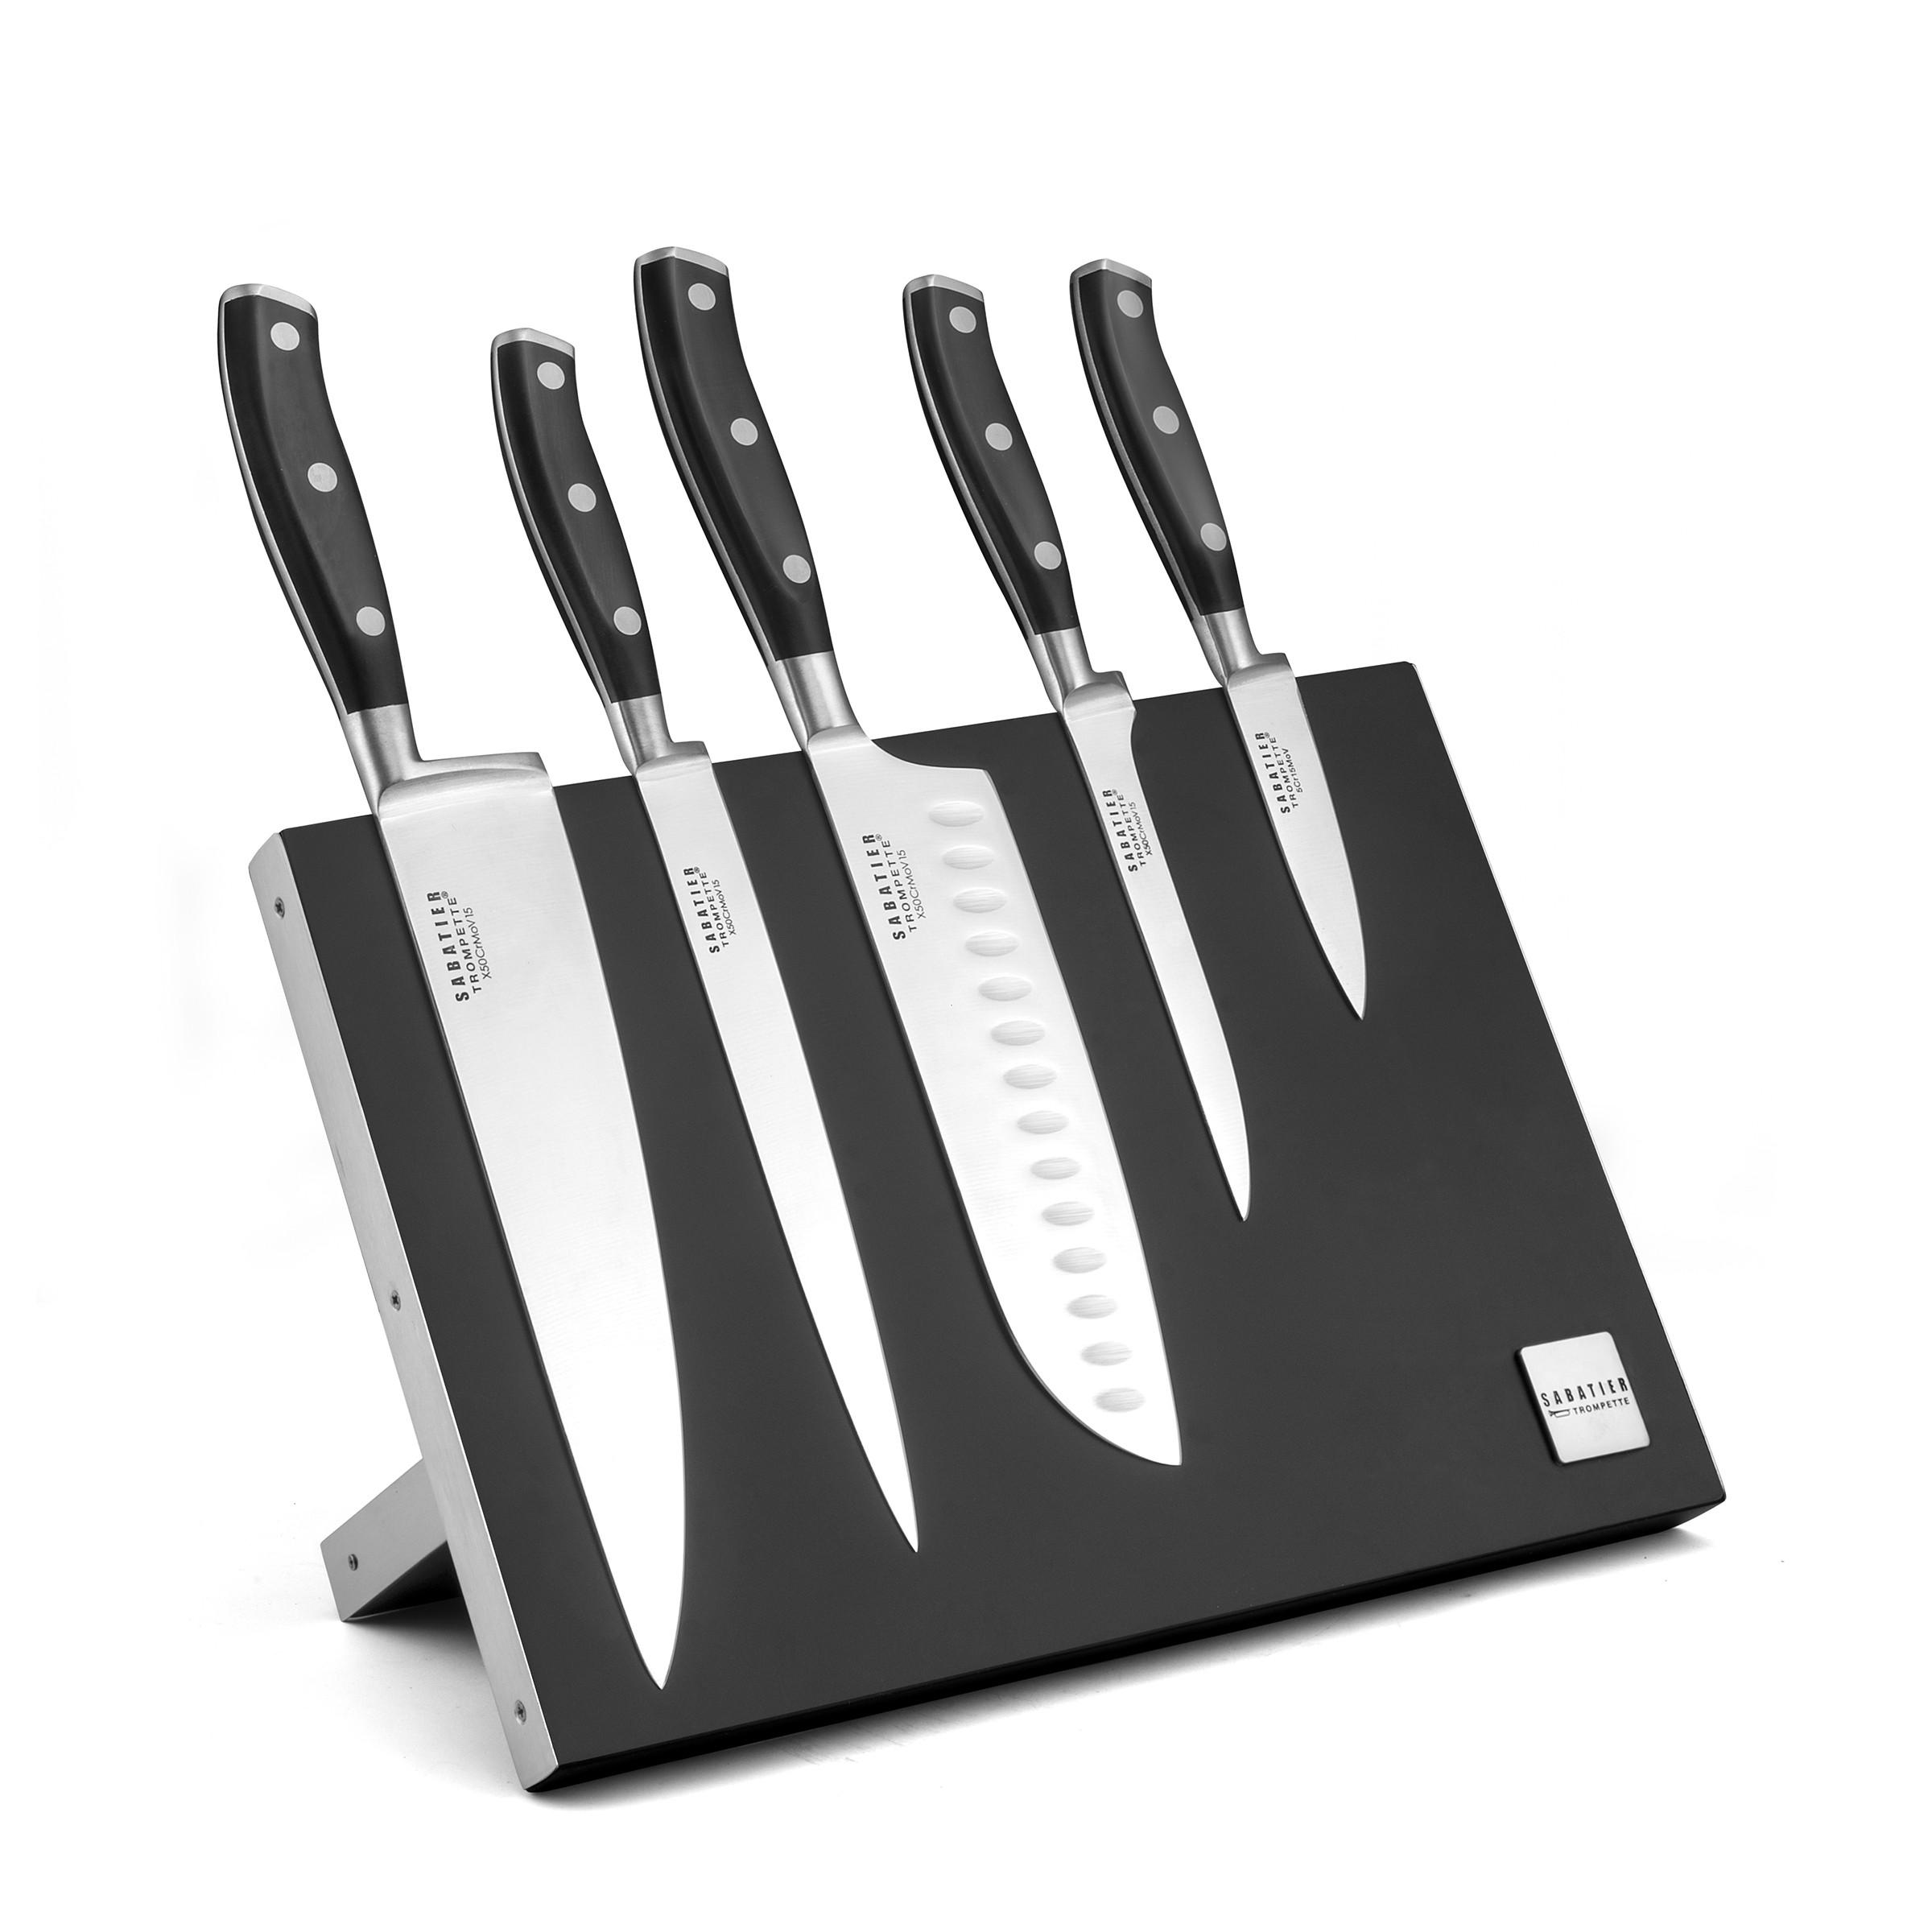 Bloc magnétique 5 couteaux de cuisine